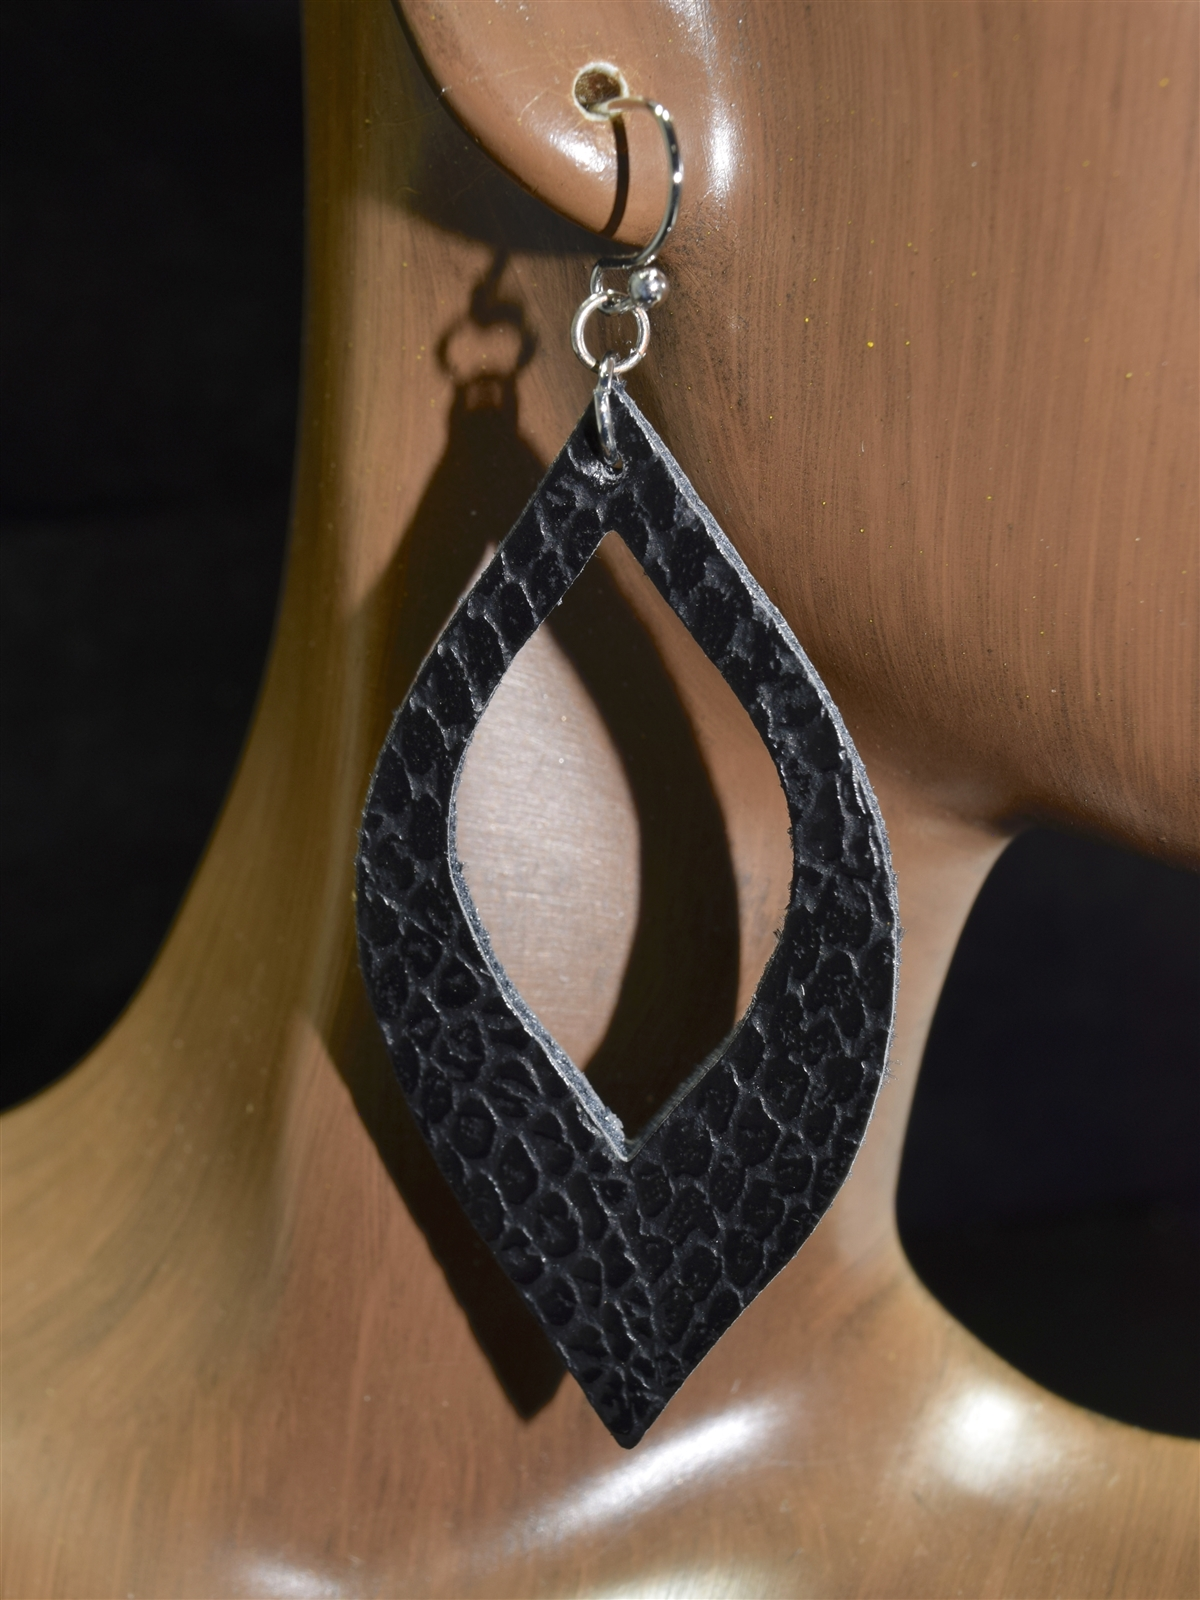 Snake earrings in leather